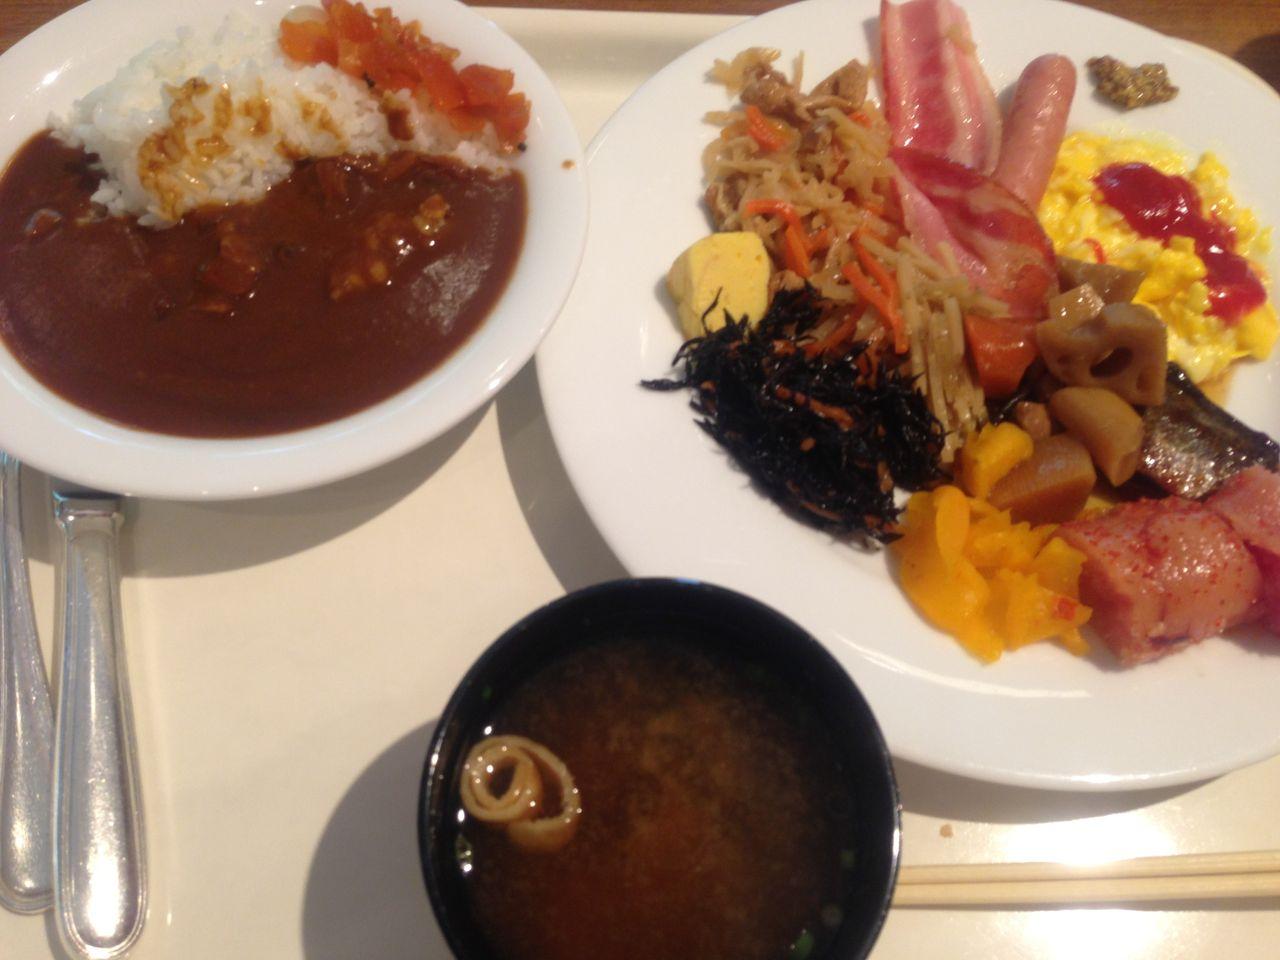 http://livedoor.blogimg.jp/aburanotaisho/imgs/5/f/5fe9033c.jpg